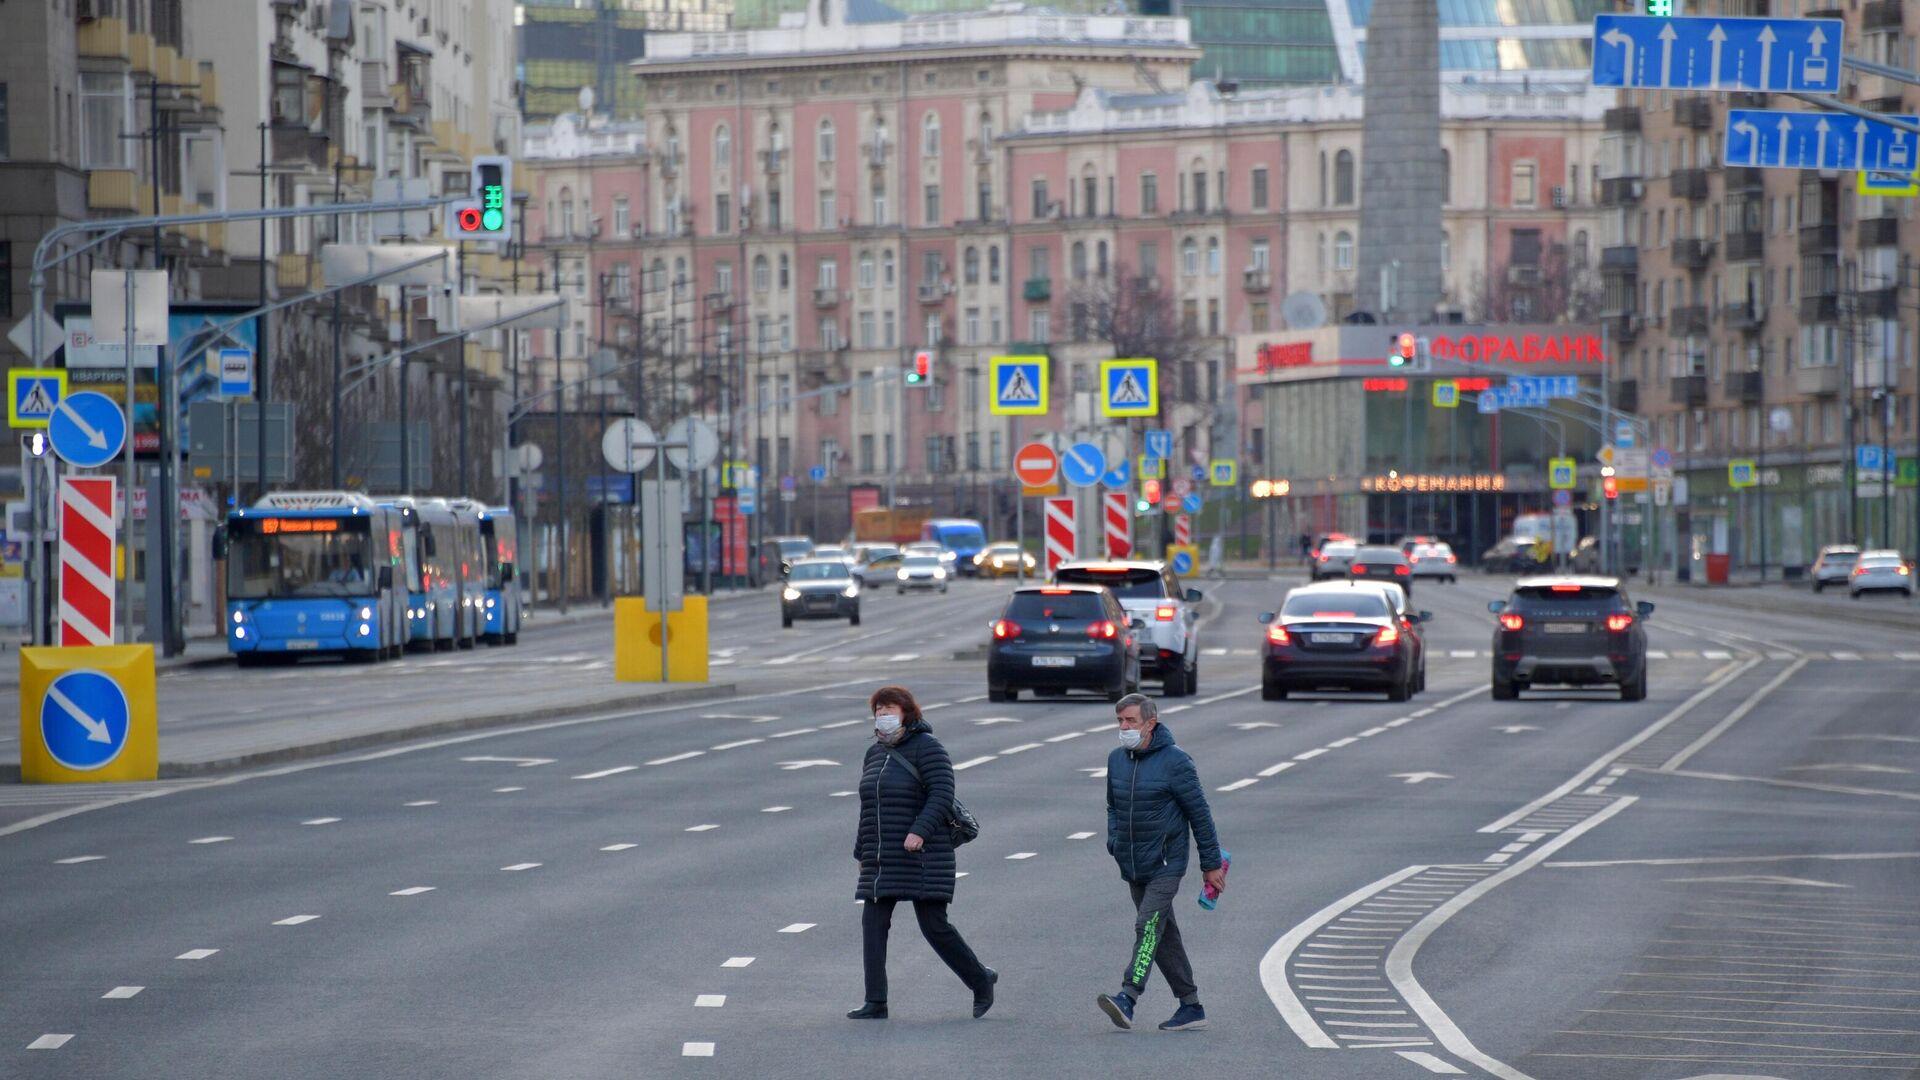 Люди перебегают Большую Дорогомиловскую улицу в Москве. - РИА Новости, 1920, 25.11.2020